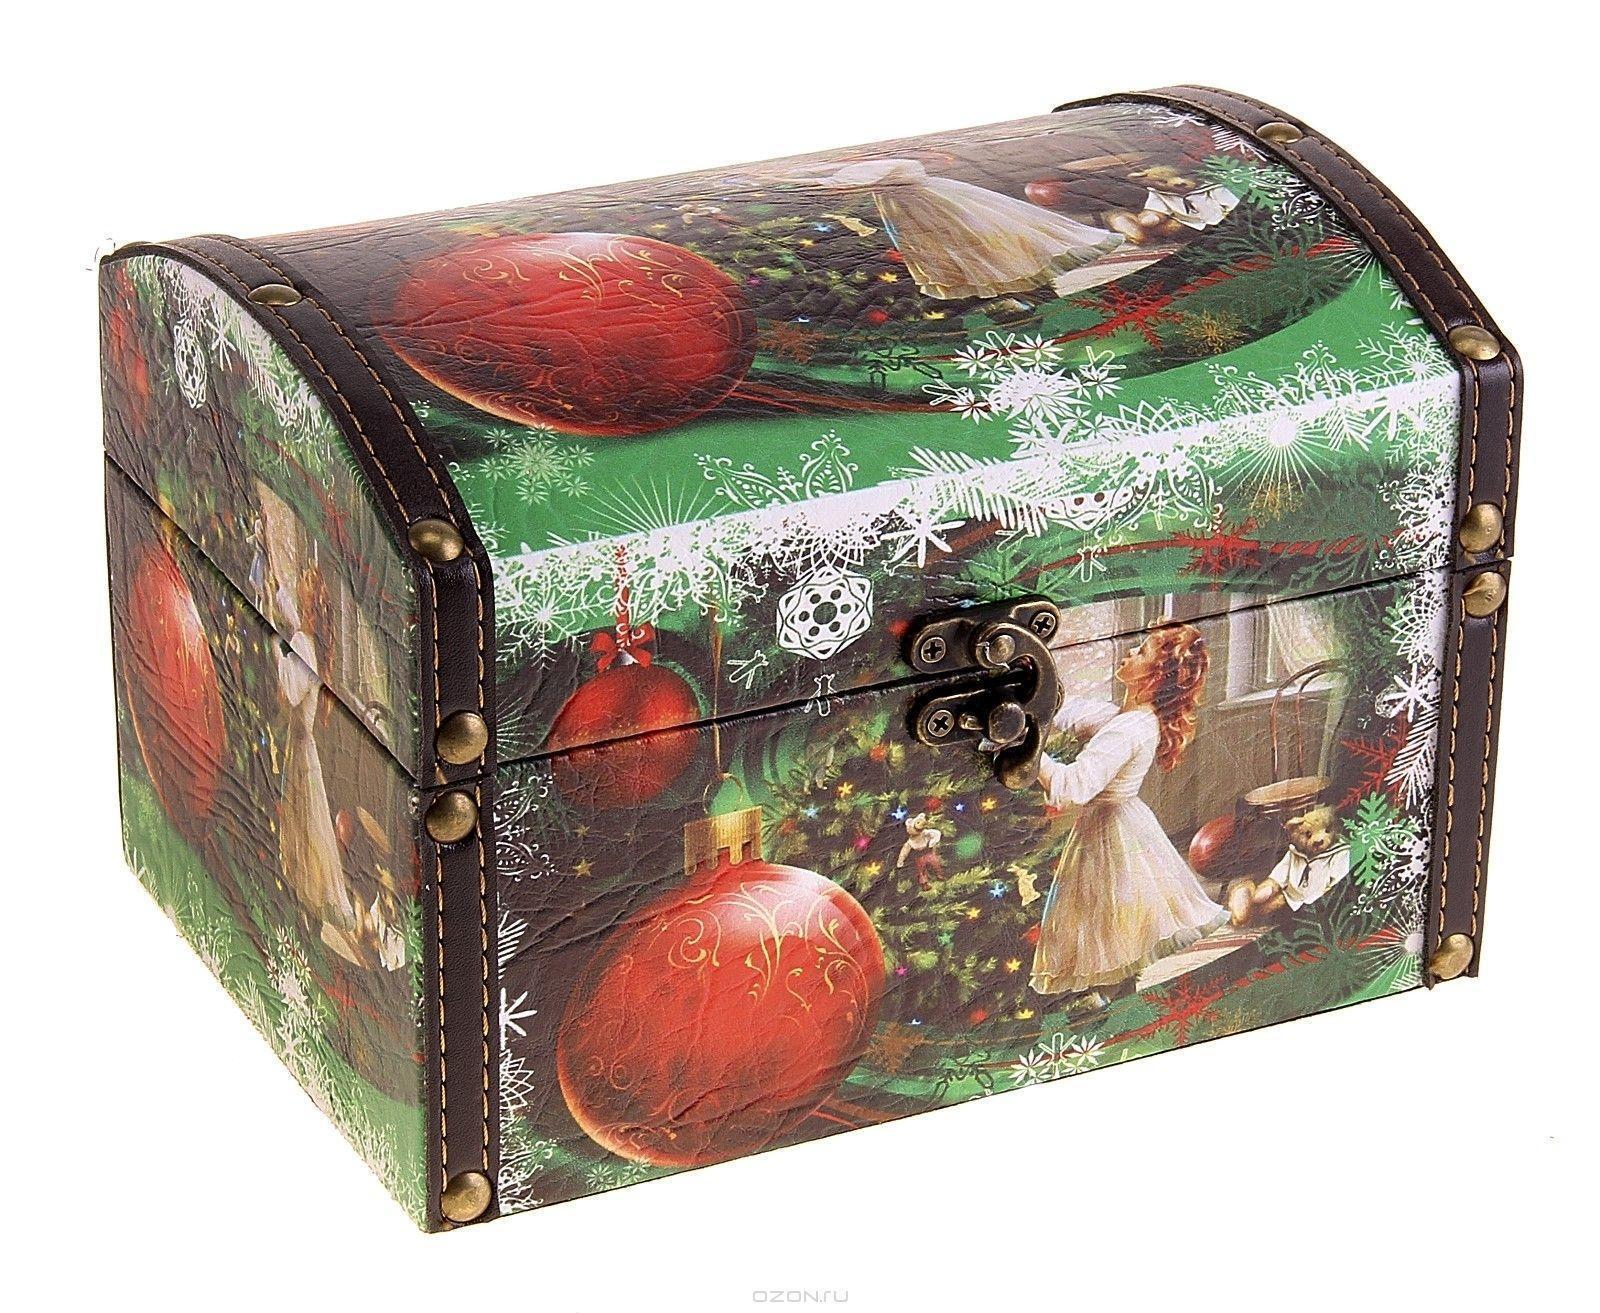 Шкатулка Украшение ёлки, 20 х 13 х 14,5 см680123Шкатулка Украшение елки изготовлена из дерева. Оригинальное оформление шкатулки, несомненно, привлечет внимание. Поверхность ее состоит из кожзама и декорирована новогодней фотографией. Шкатулка закрывается на крепкий металлический замочек. Такая шкатулка может использоваться для хранения бижутерии, в качестве украшения интерьера, а также послужит хорошим подарком для человека, ценящего практичные и оригинальные вещицы.